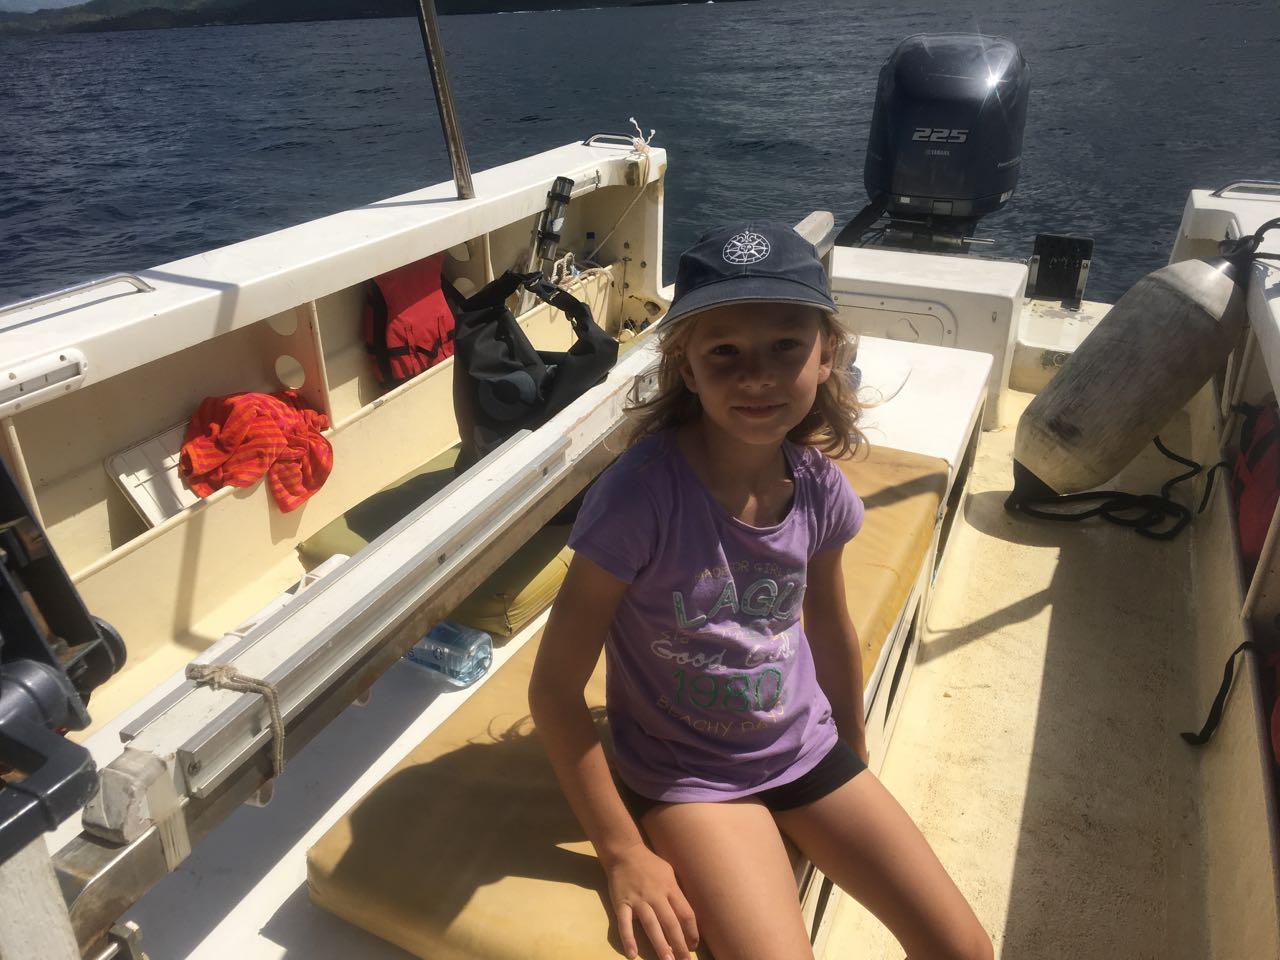 Paula begleitet uns auf dem Tauchboot